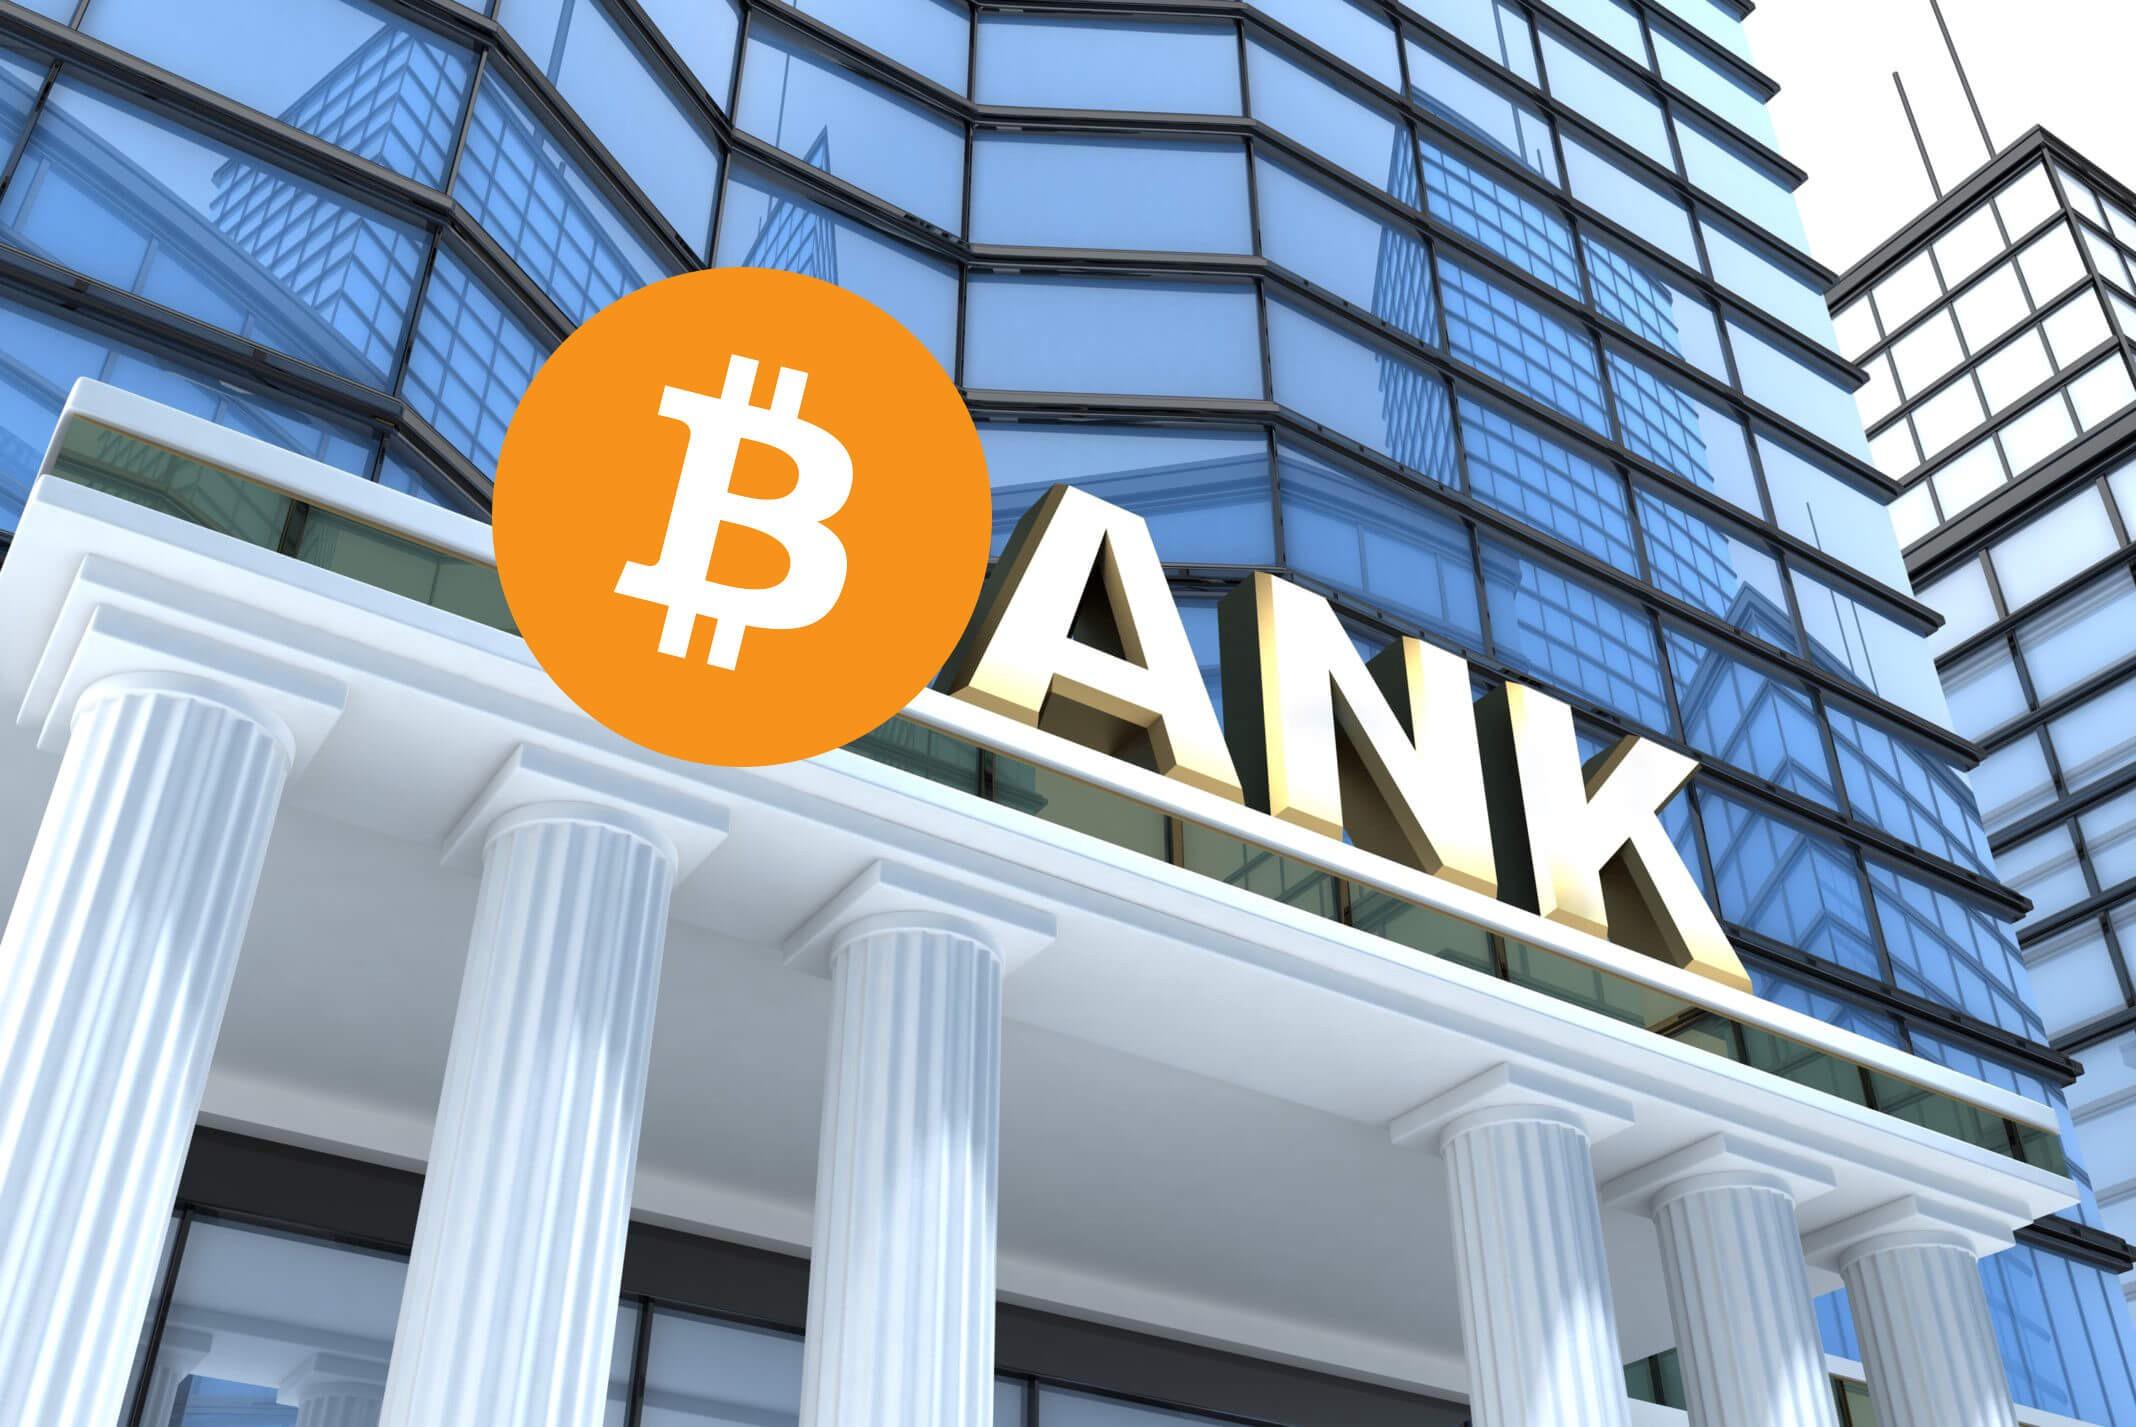 A Bitcoinot és más kriptovalutát elfogadó bankok